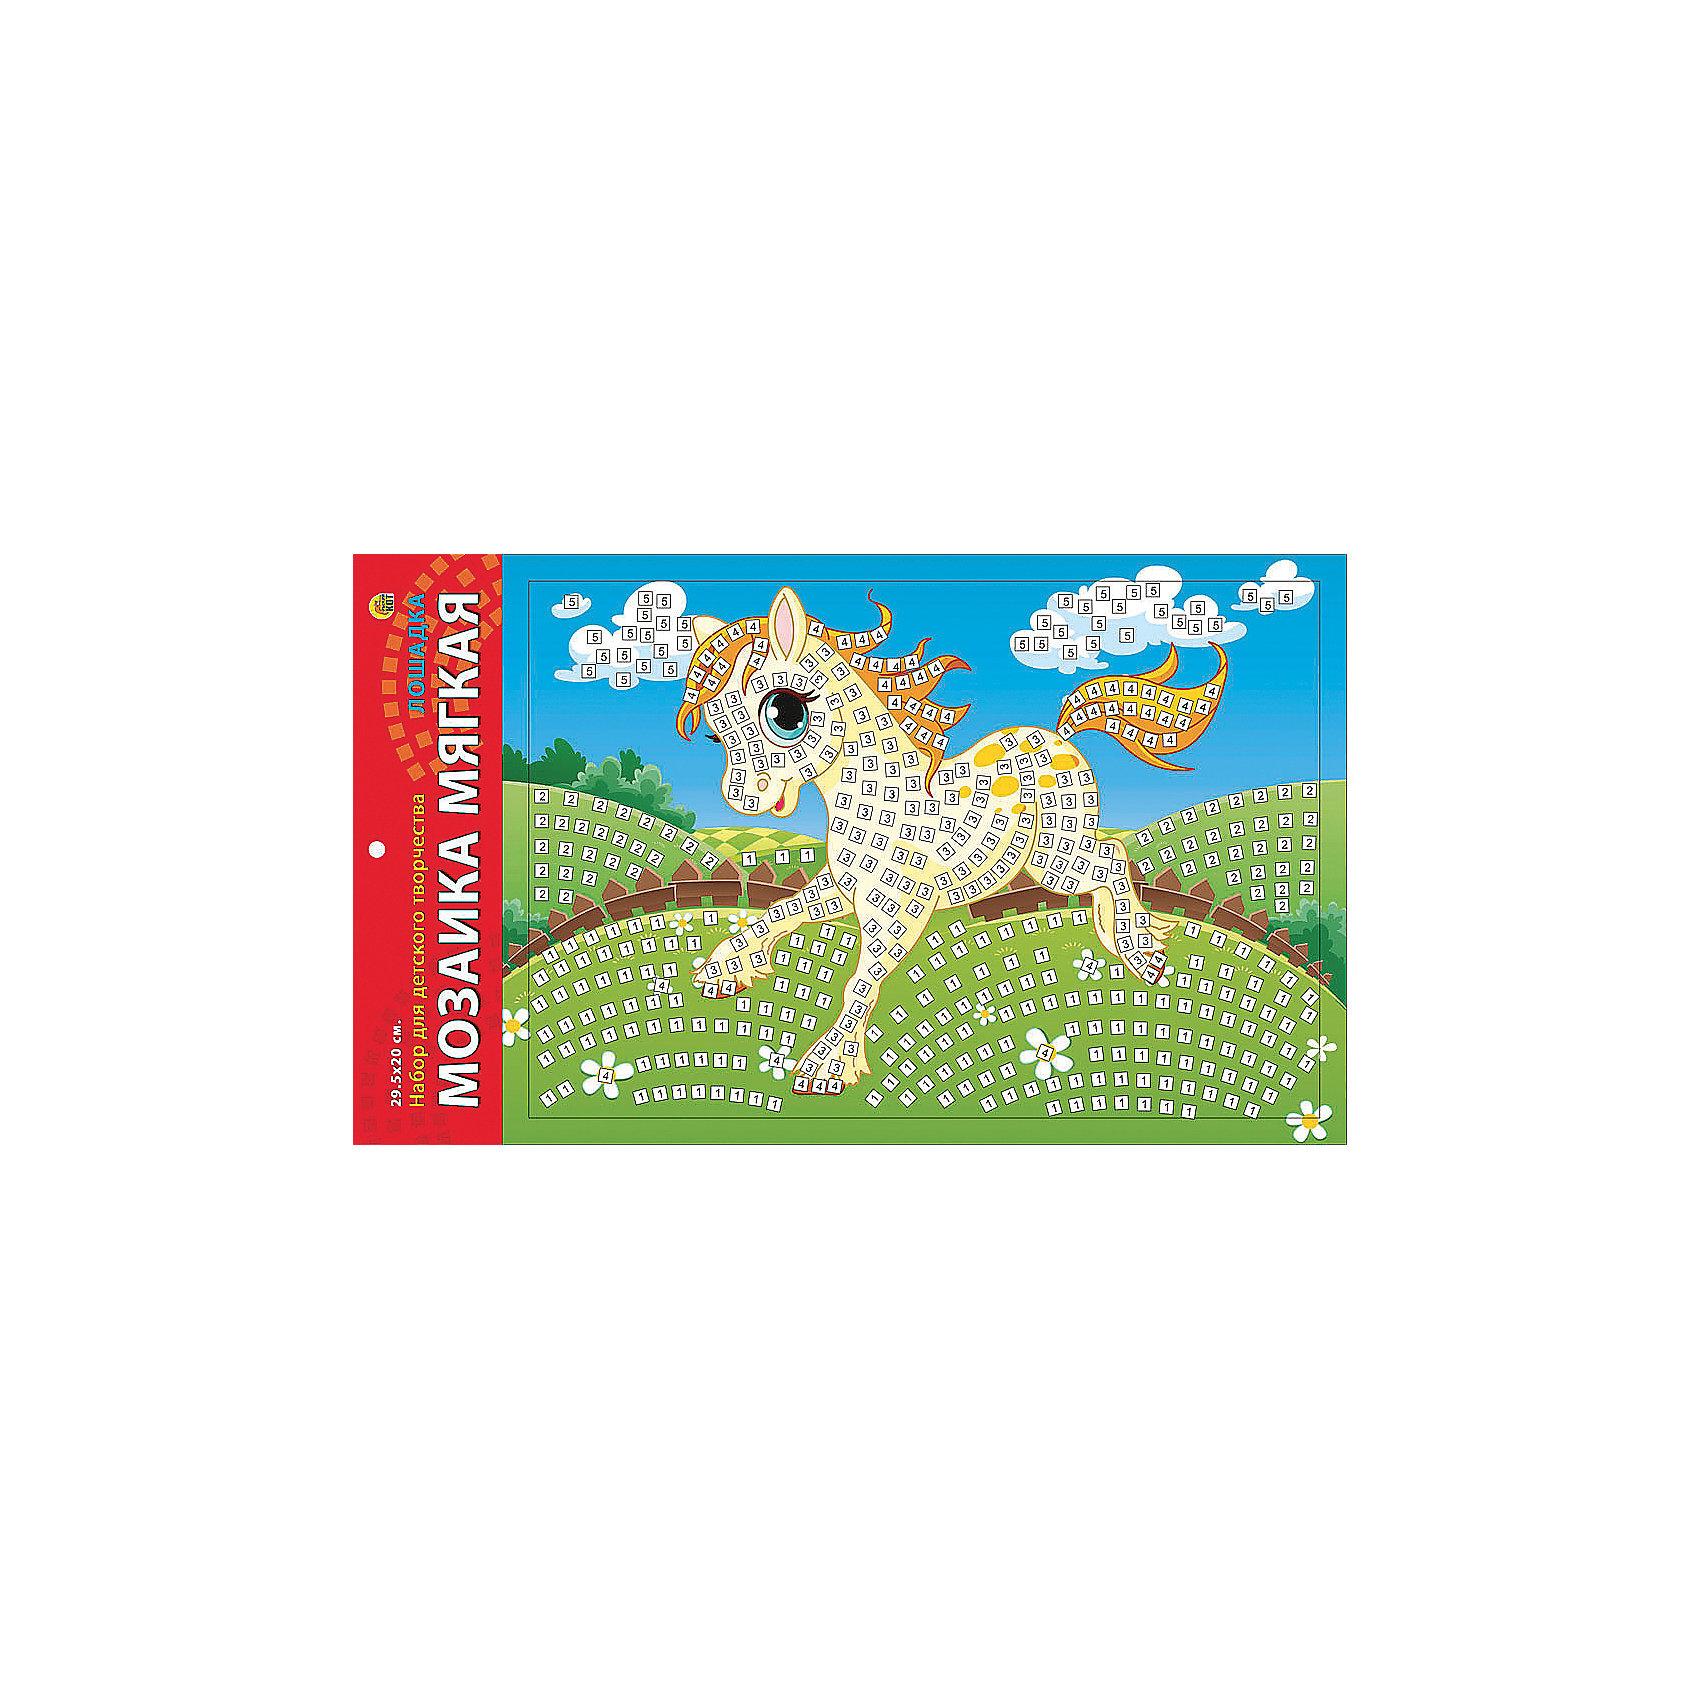 Издательство Рыжий кот Мягкая мозаика Лошадка формат А4 (29.5х20 см) издательство рыжий кот мягкая мозаика обезьянка формат а5 21х15 см